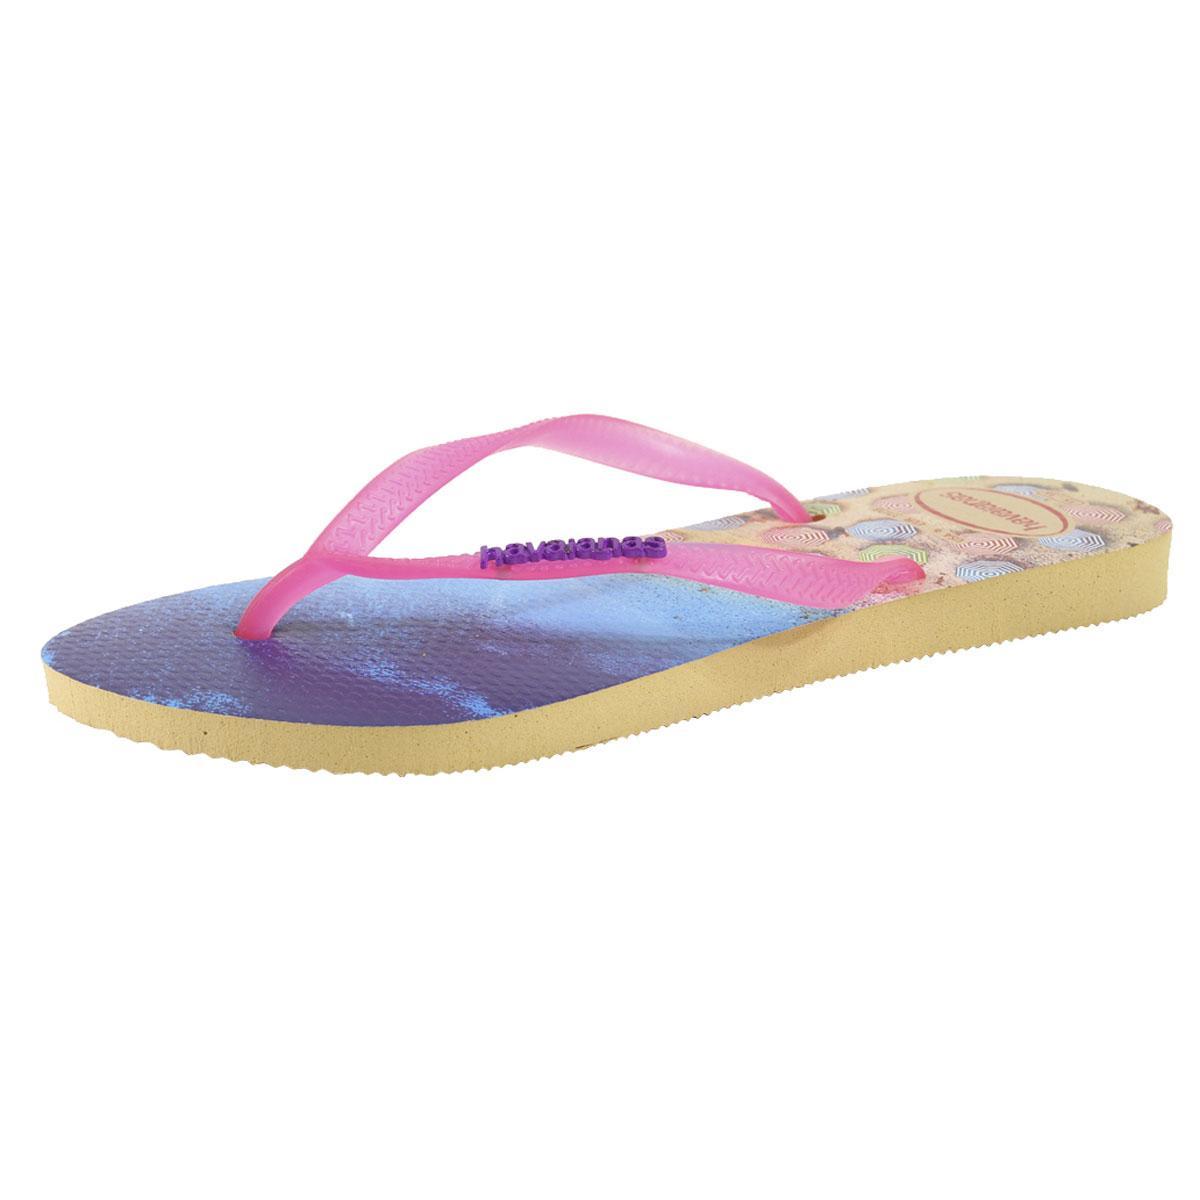 Image of Havainas Women's Slim Paisage Flip Flops Sandals Shoes - Ivory - 6 B(M) US